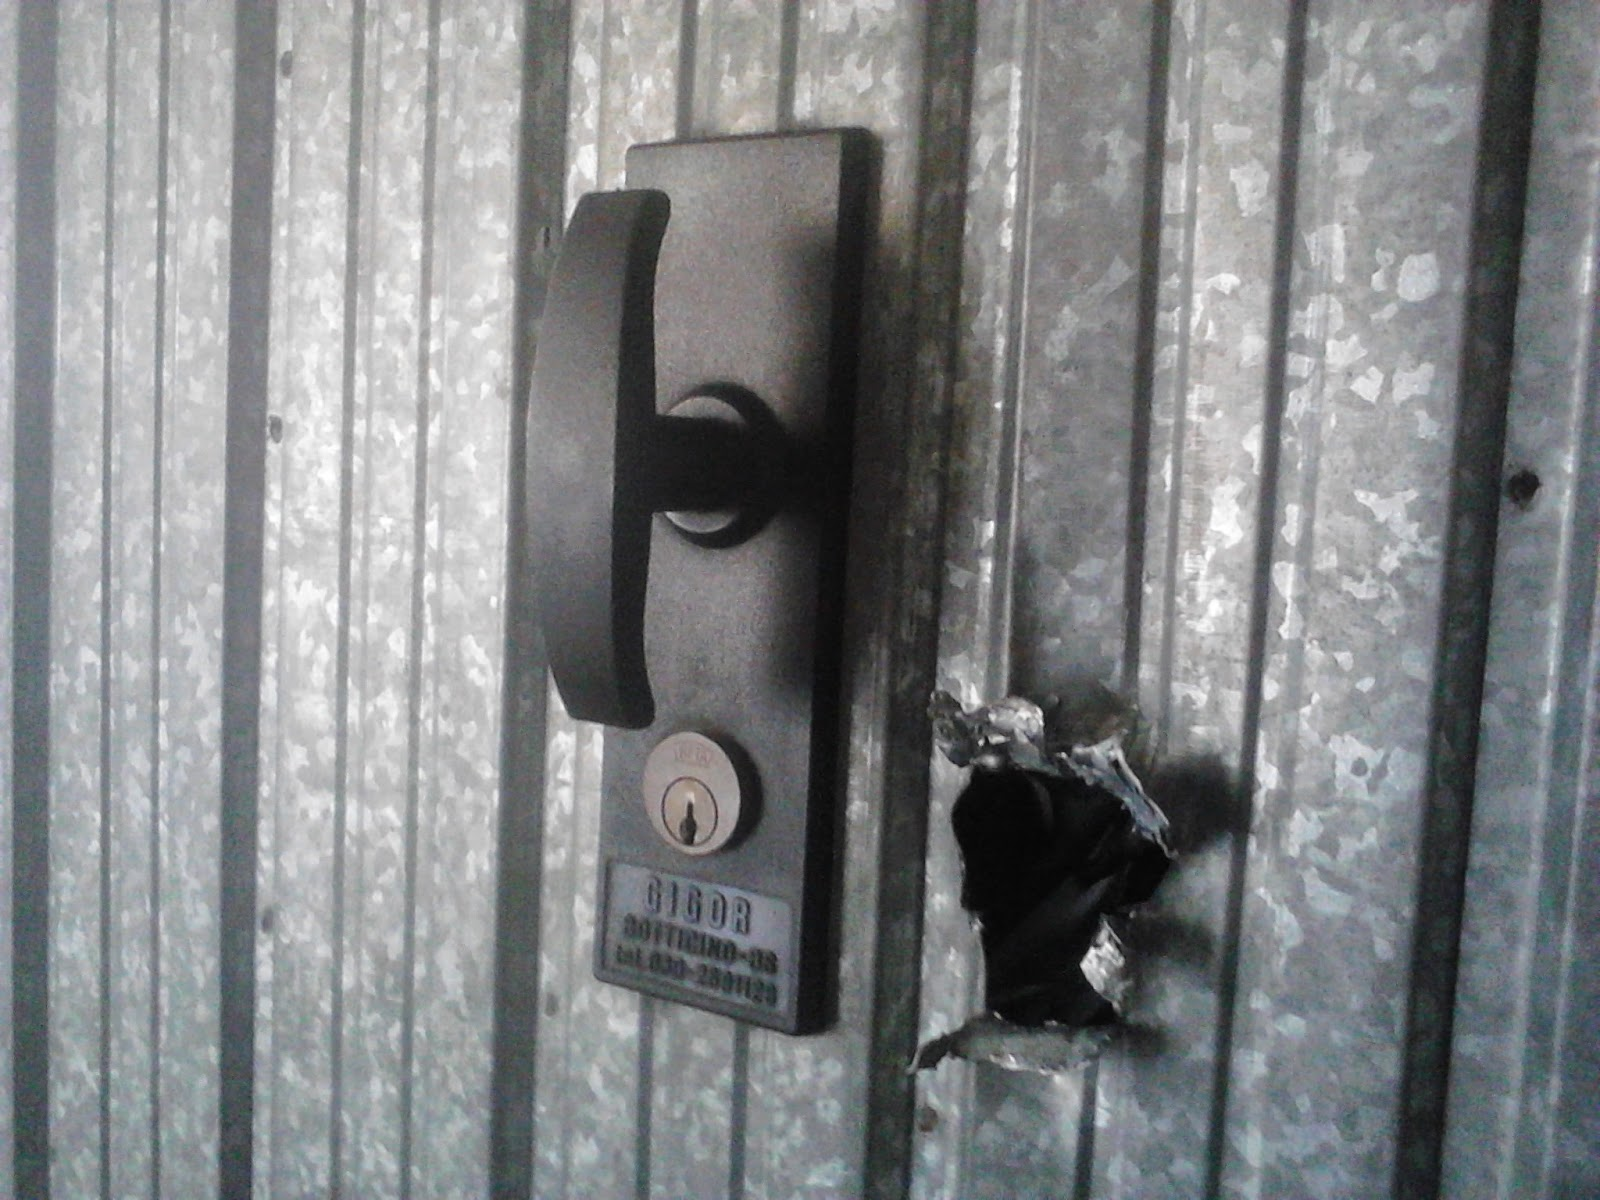 Piastre rinforzi e serrature di sicurezza per basculanti e - Cambiare maniglia porta ...